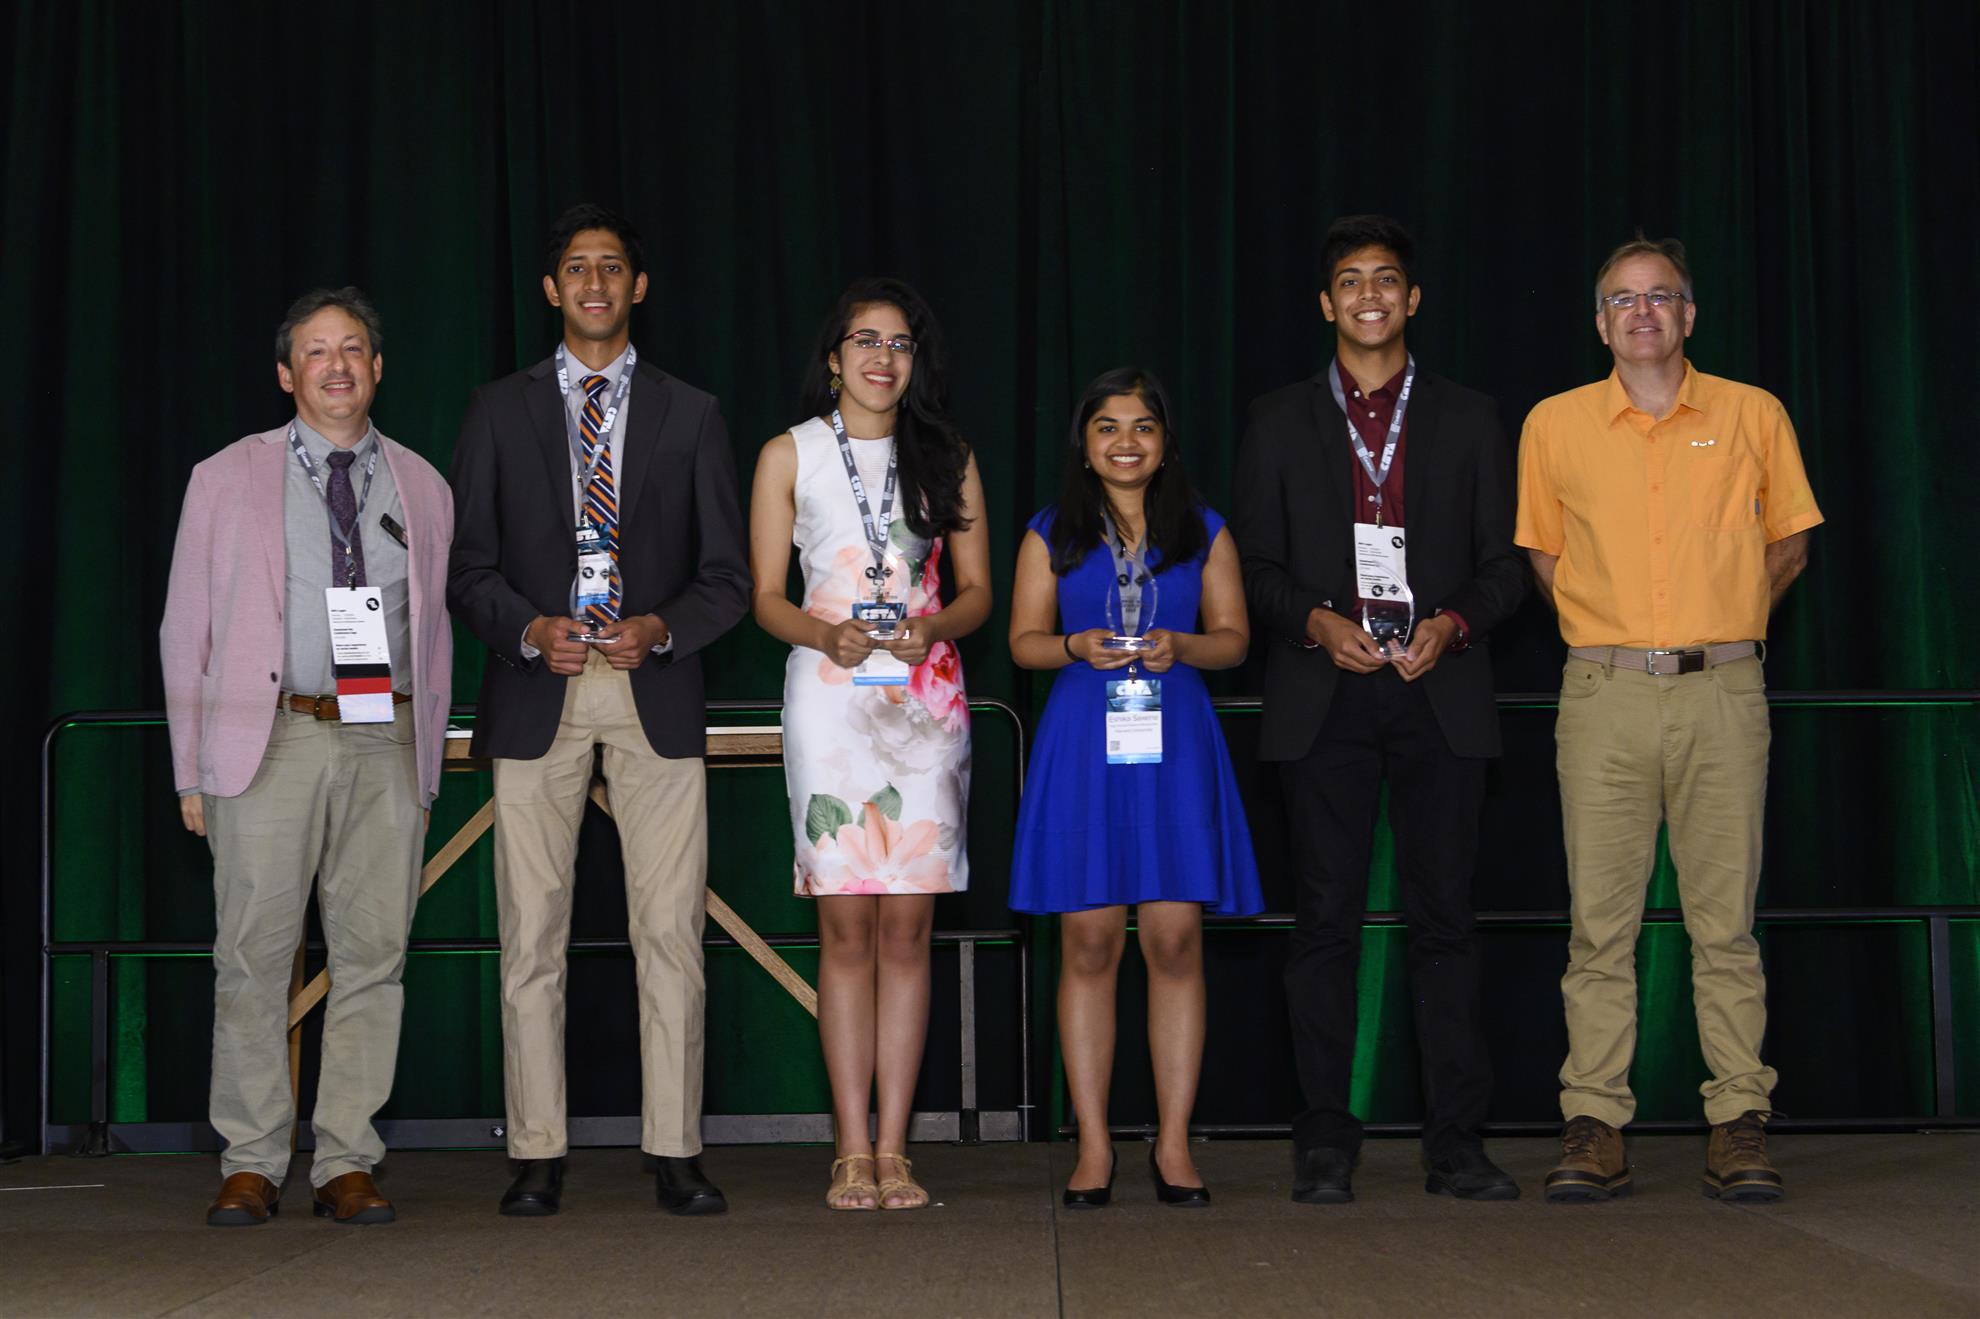 2019 Cutler-Bell Prize Winners